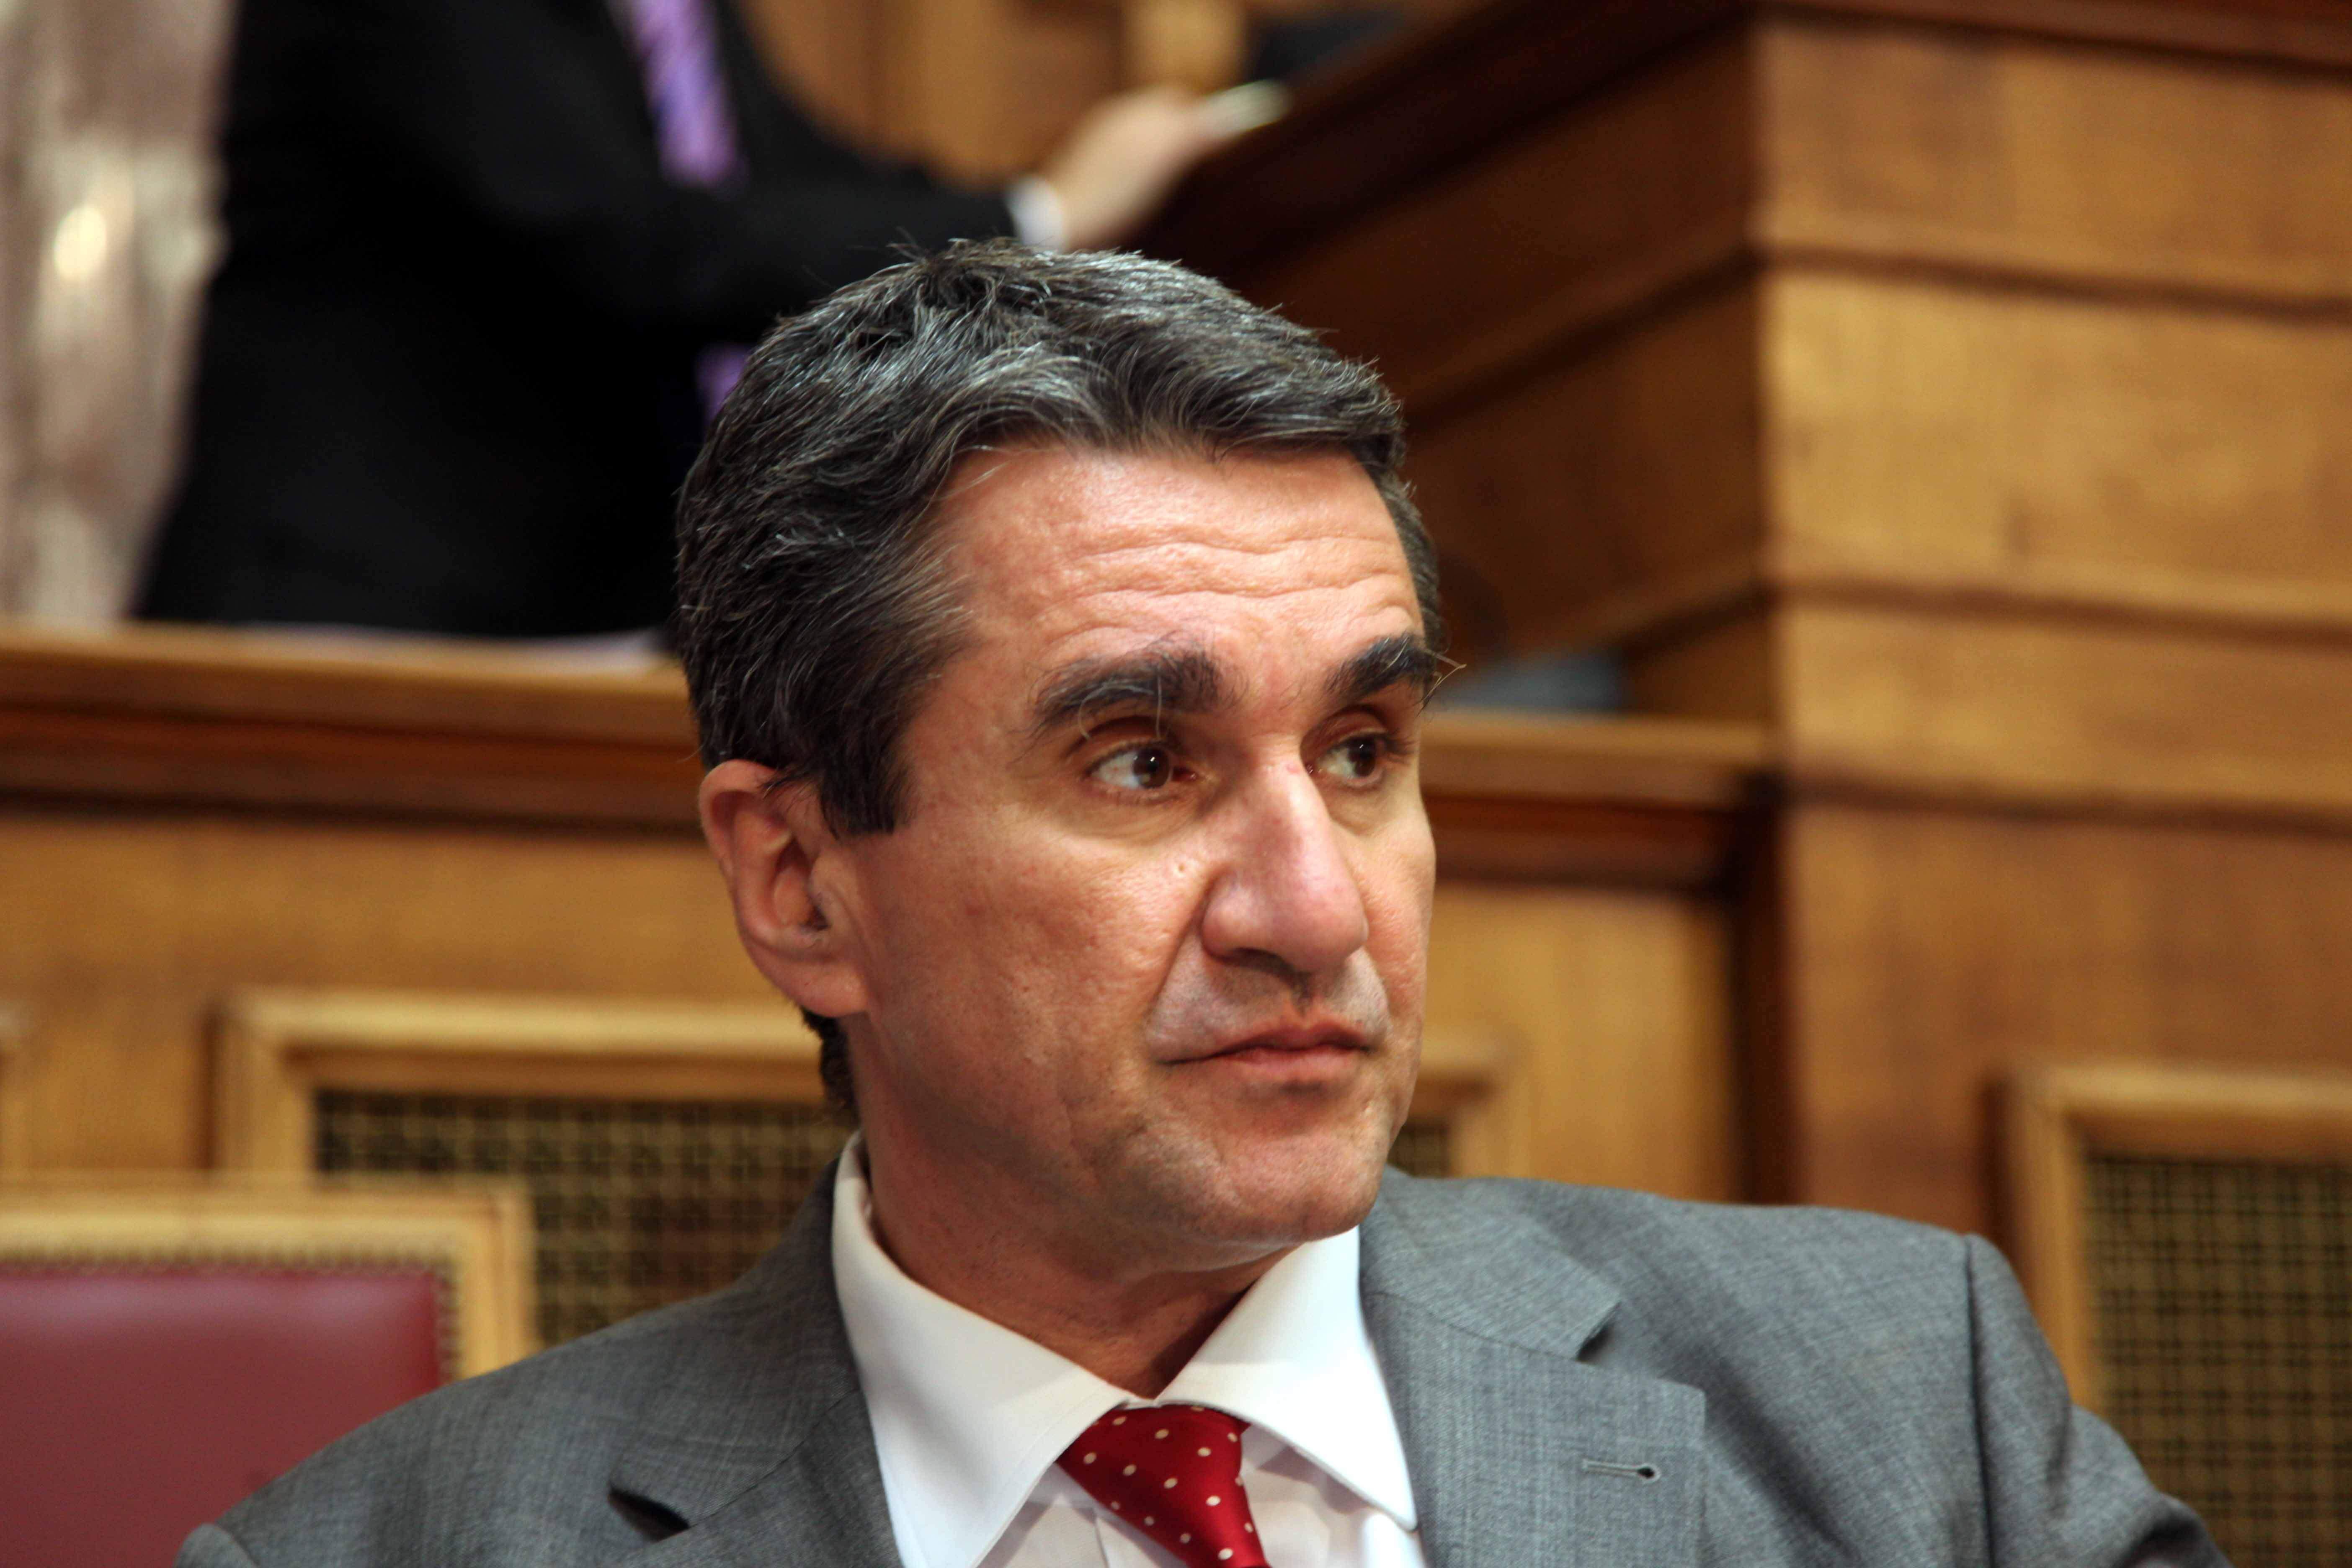 Ακρόαση εξπρές του Λοβέρδου στην Επιτροπή Δεοντολογίας – Πήγε, ζήτησε άρση ασυλίας και… έφυγε